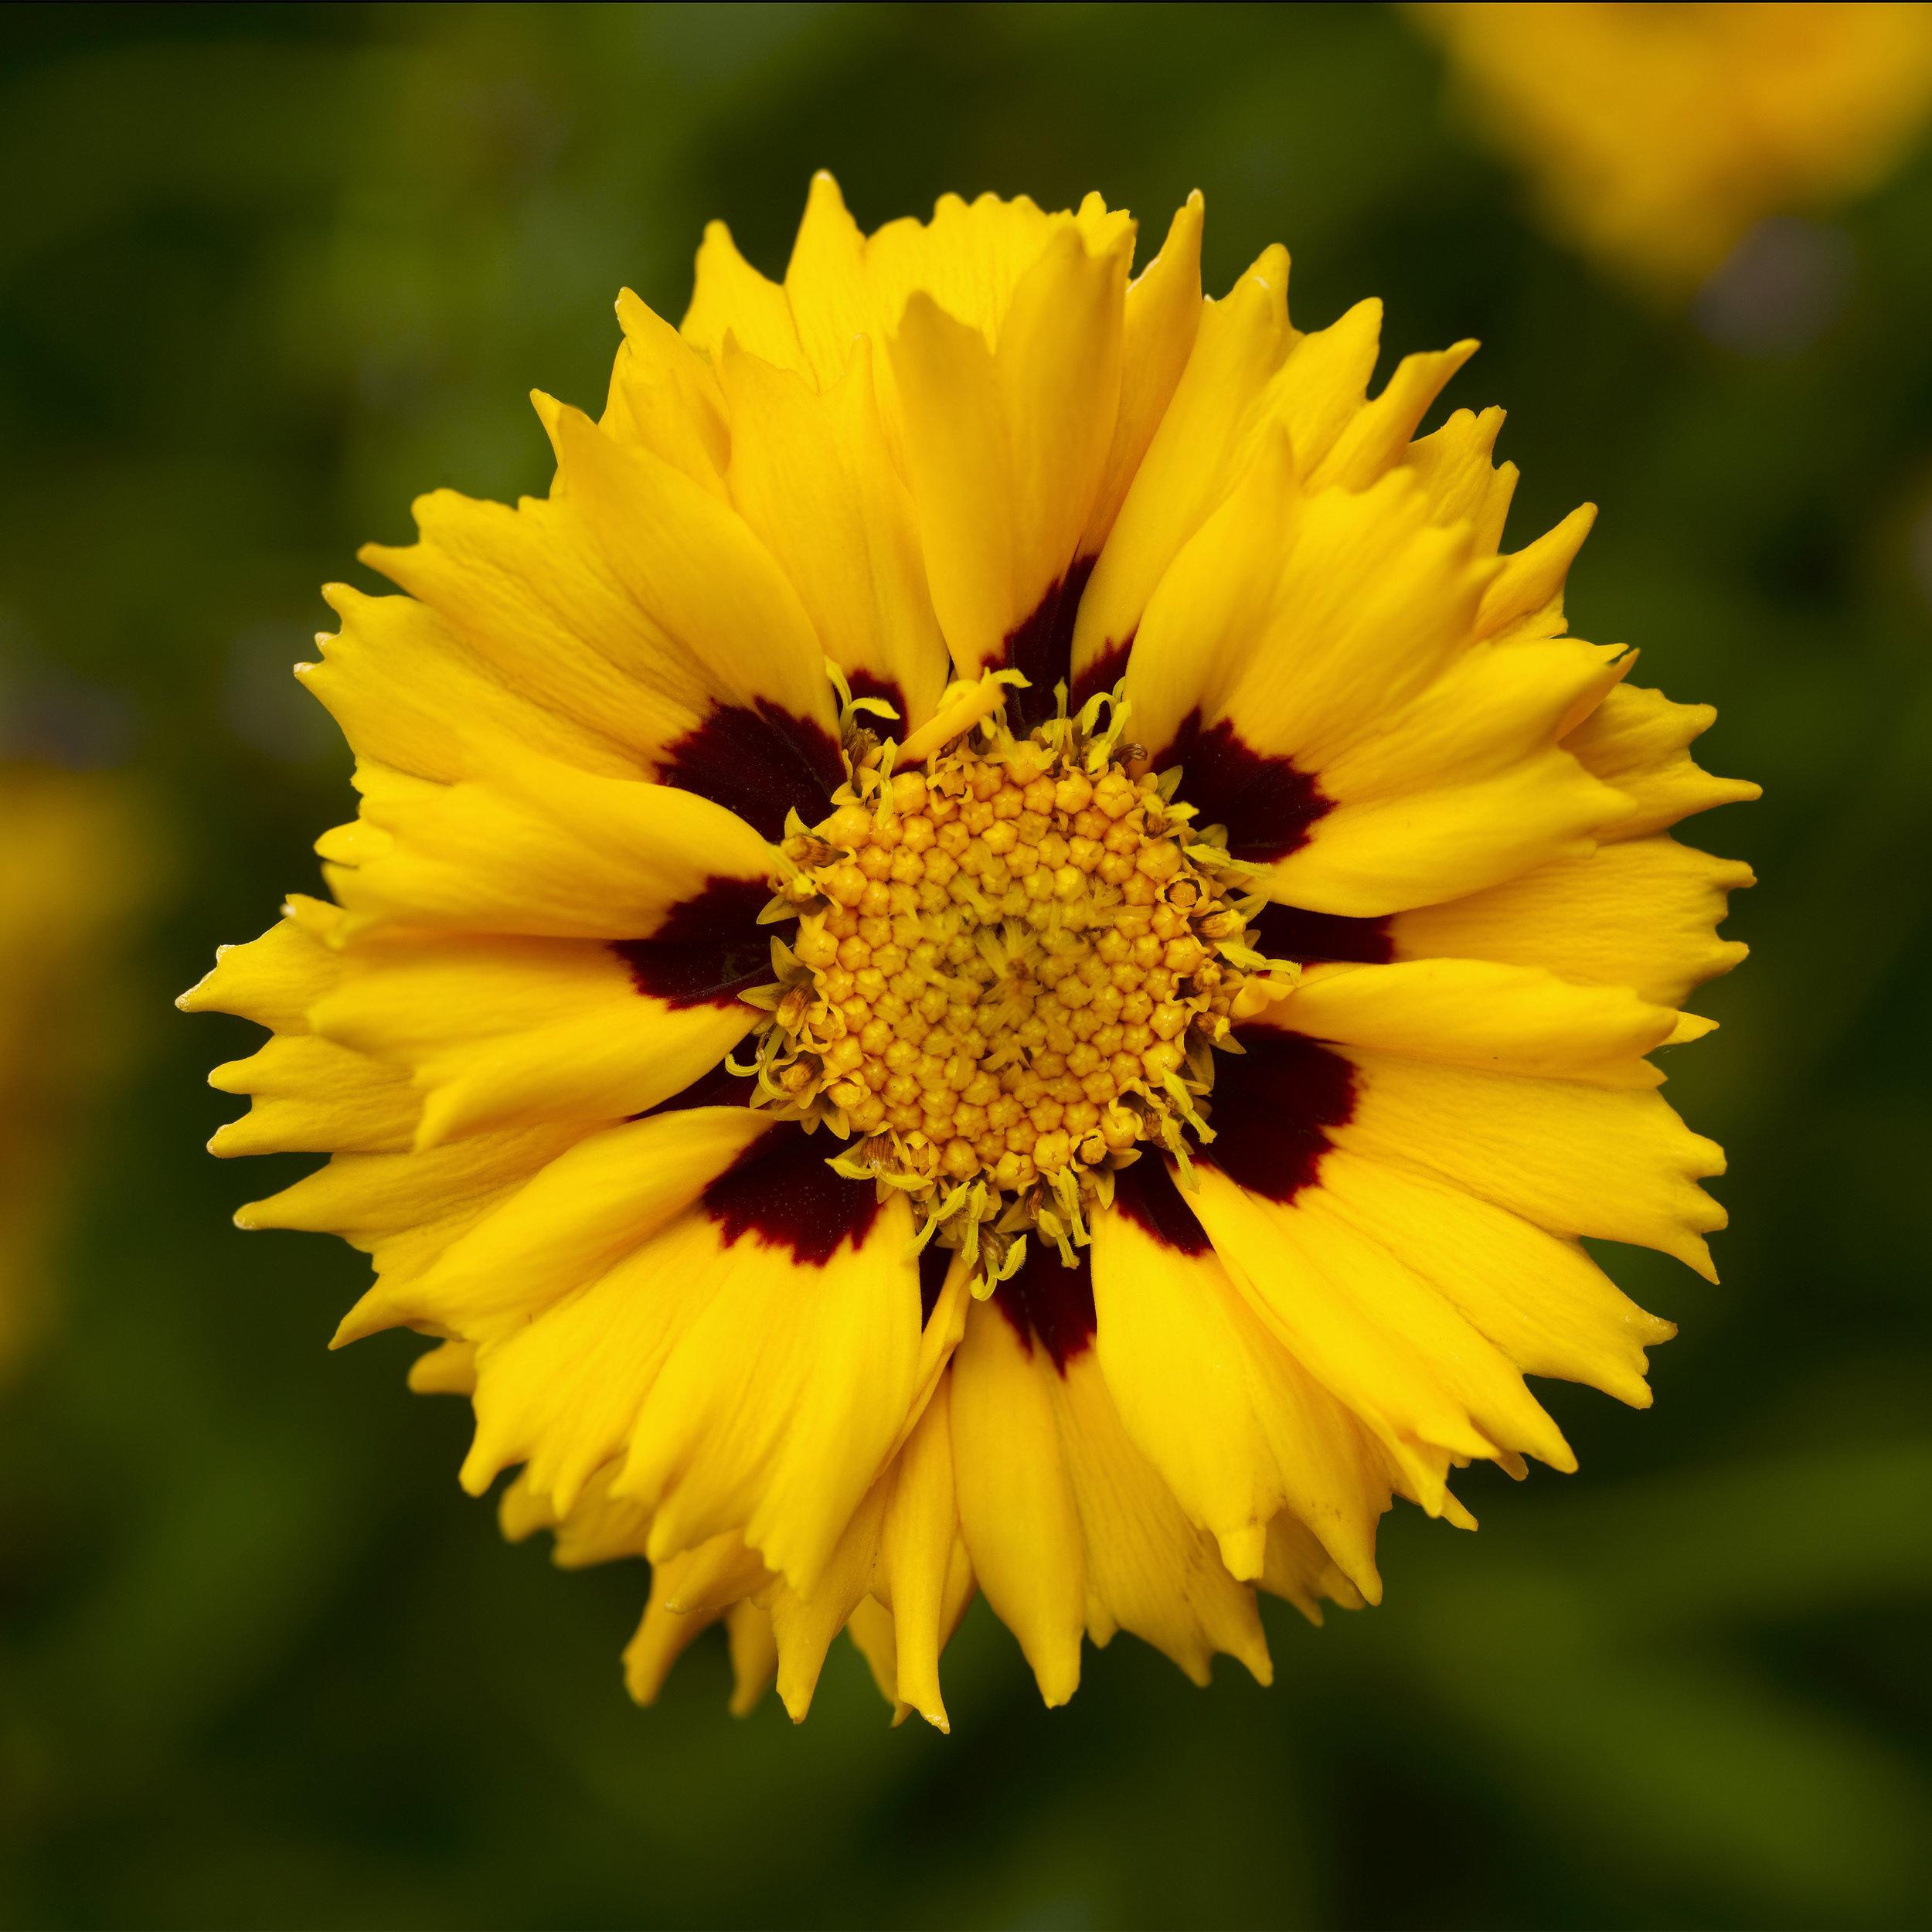 HR_Seed_Coreopsis_Andiamo™_Andiamo™_Yellow_Red_70048644_1.jpg